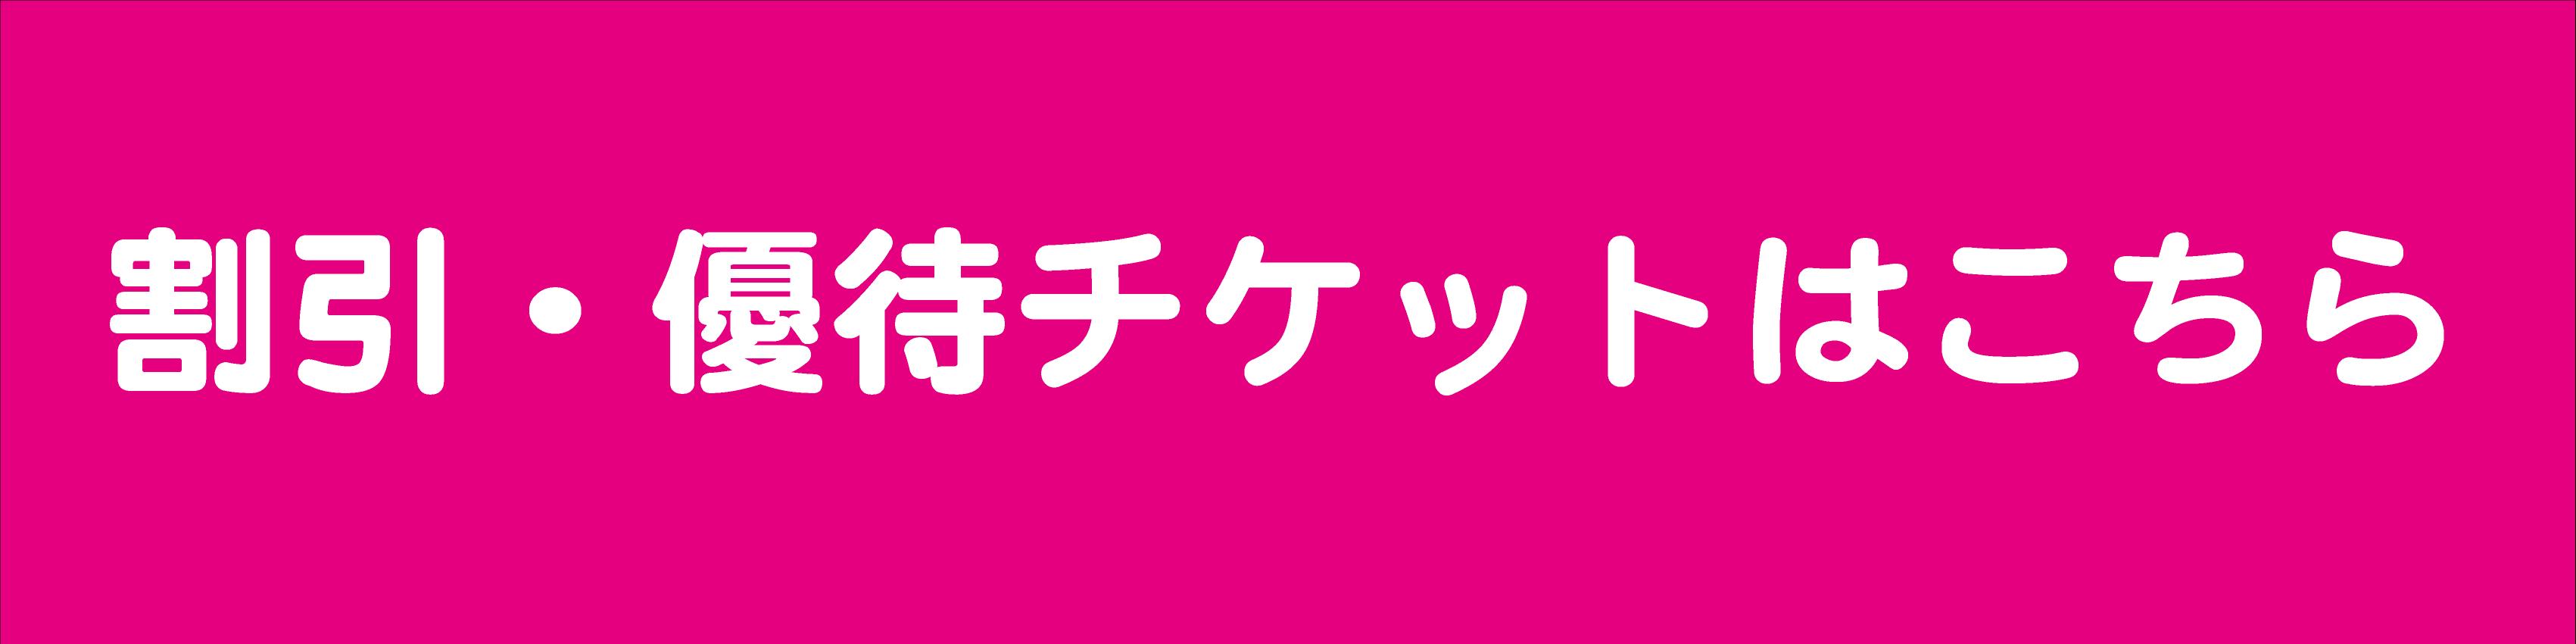 春キャン2018 チケット購入場所・使用期間・料金まとめ